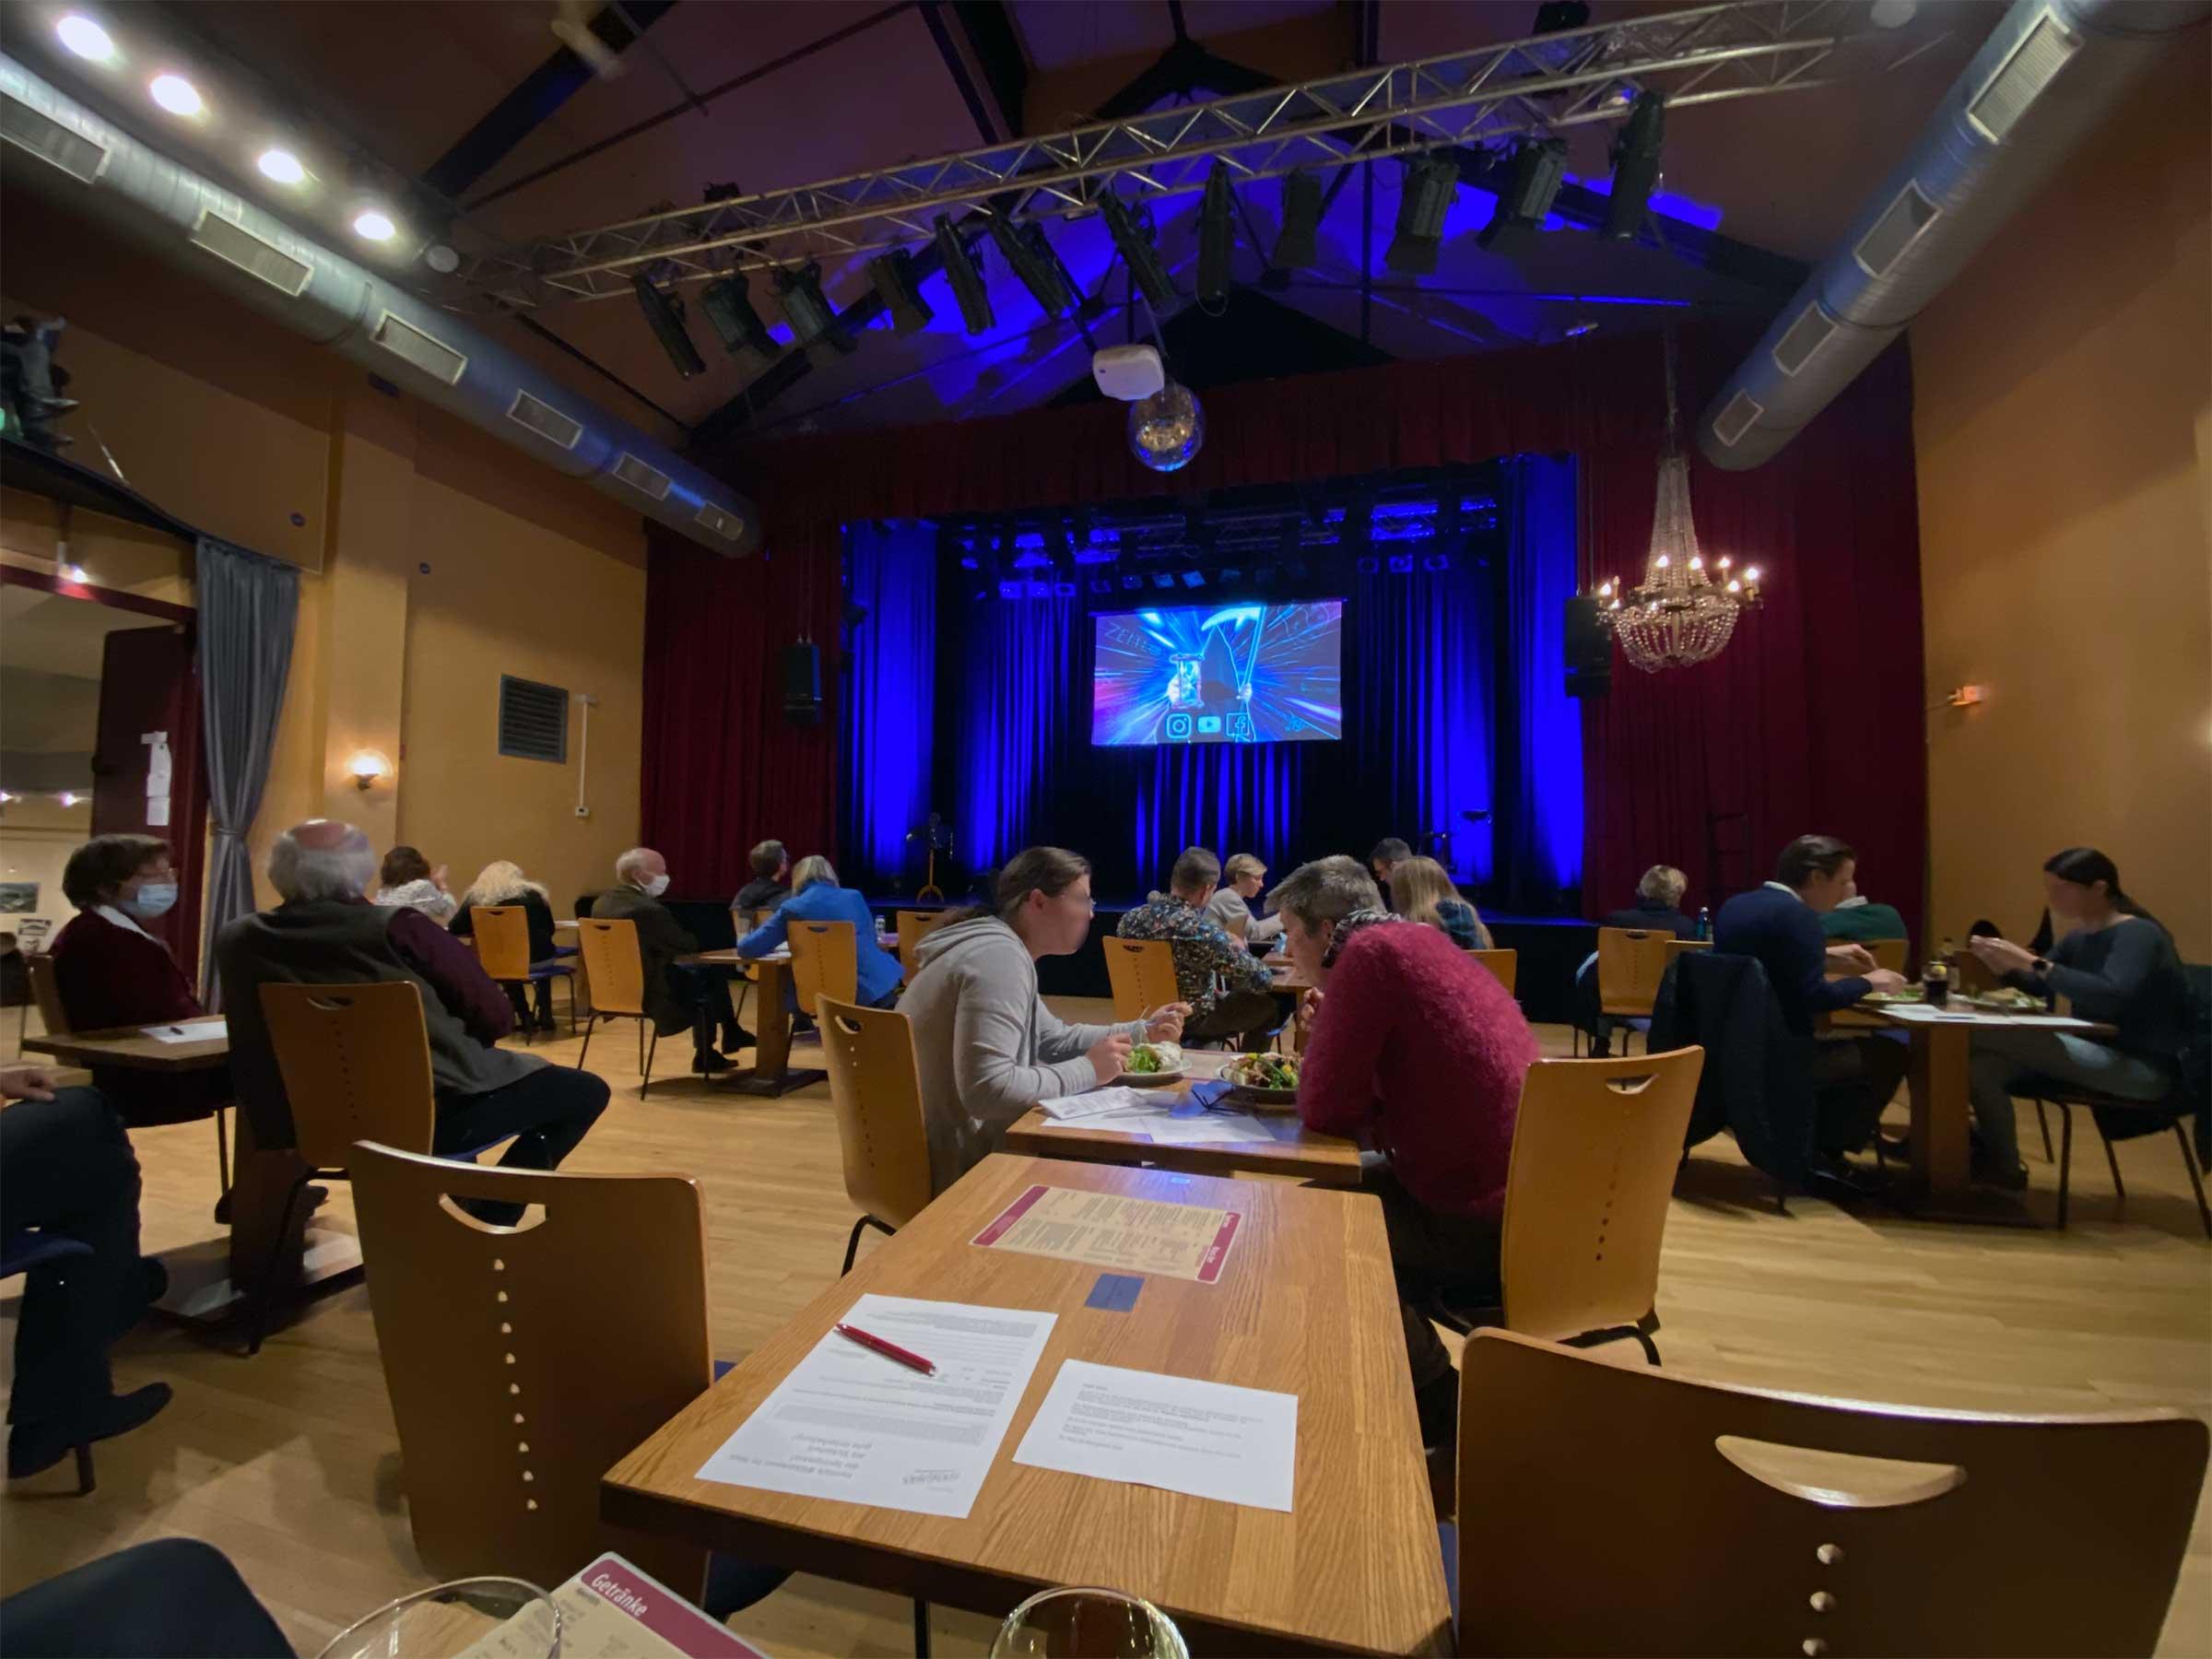 Man sieht einen kleinen Saal mit einigen Tischen und Menschen daran, viele von ihnen essen. Direkt vor dem Fotografen ist ein leerer Tisch, links und rechts leere Stühle. Am Ende des Saals eine blau beleuchtete Bühne.